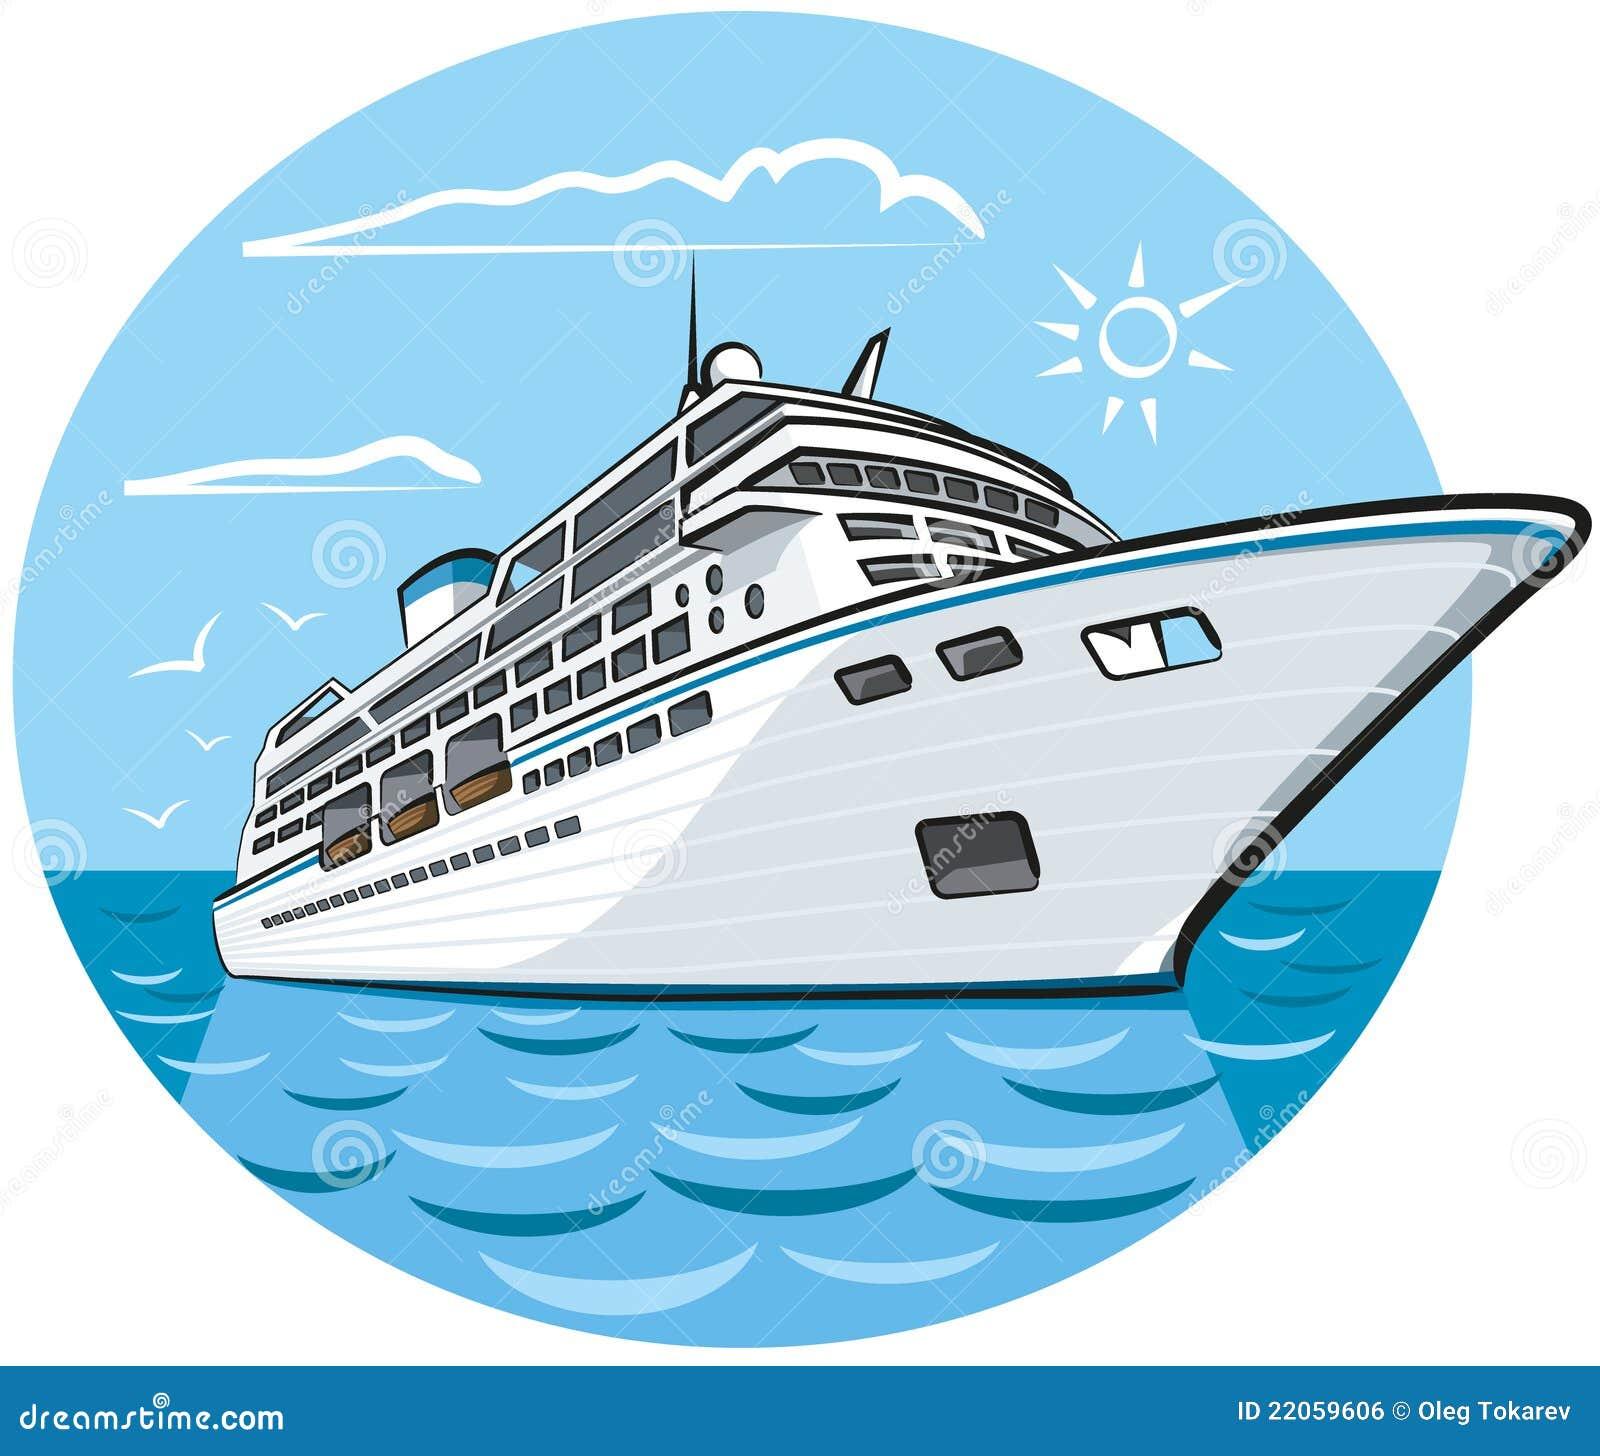 Luxury Cruise Ship Royalty Free Stock Image - Image: 22059606